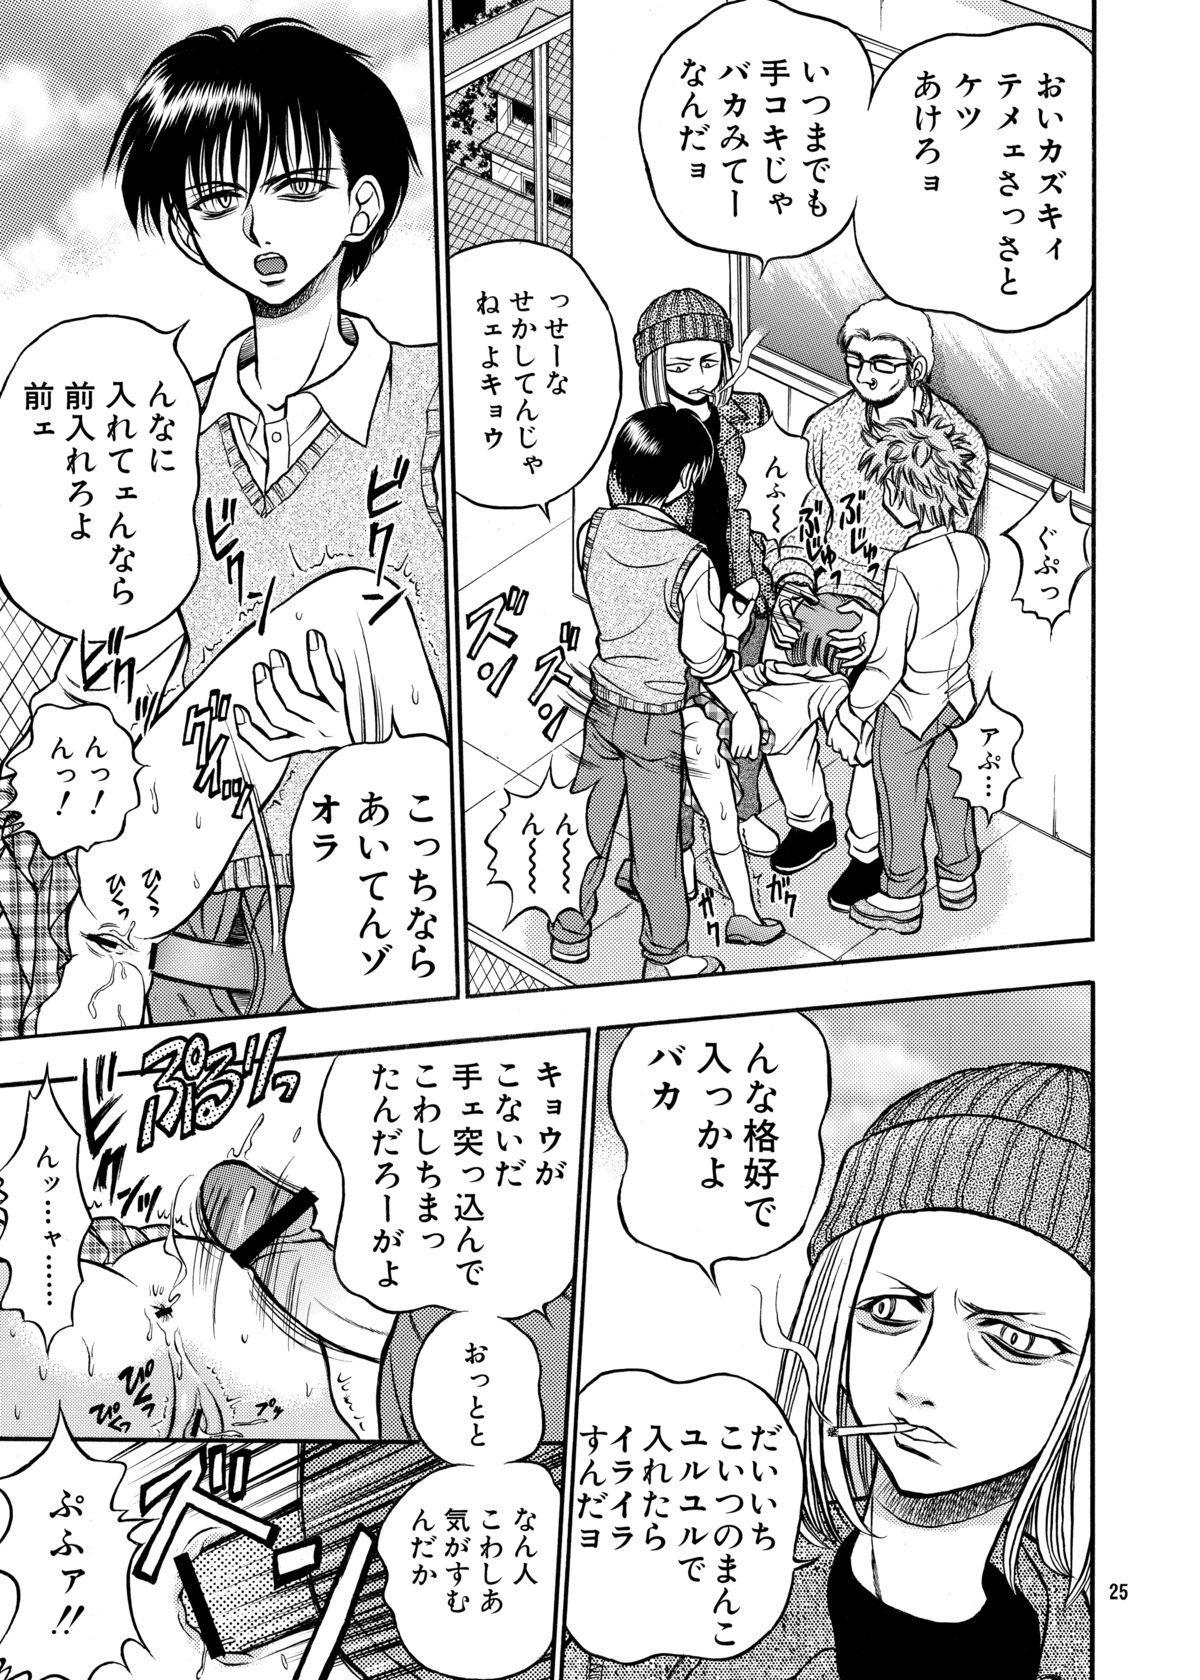 ココロノママニ 厩戸王子商業作品再録本 23